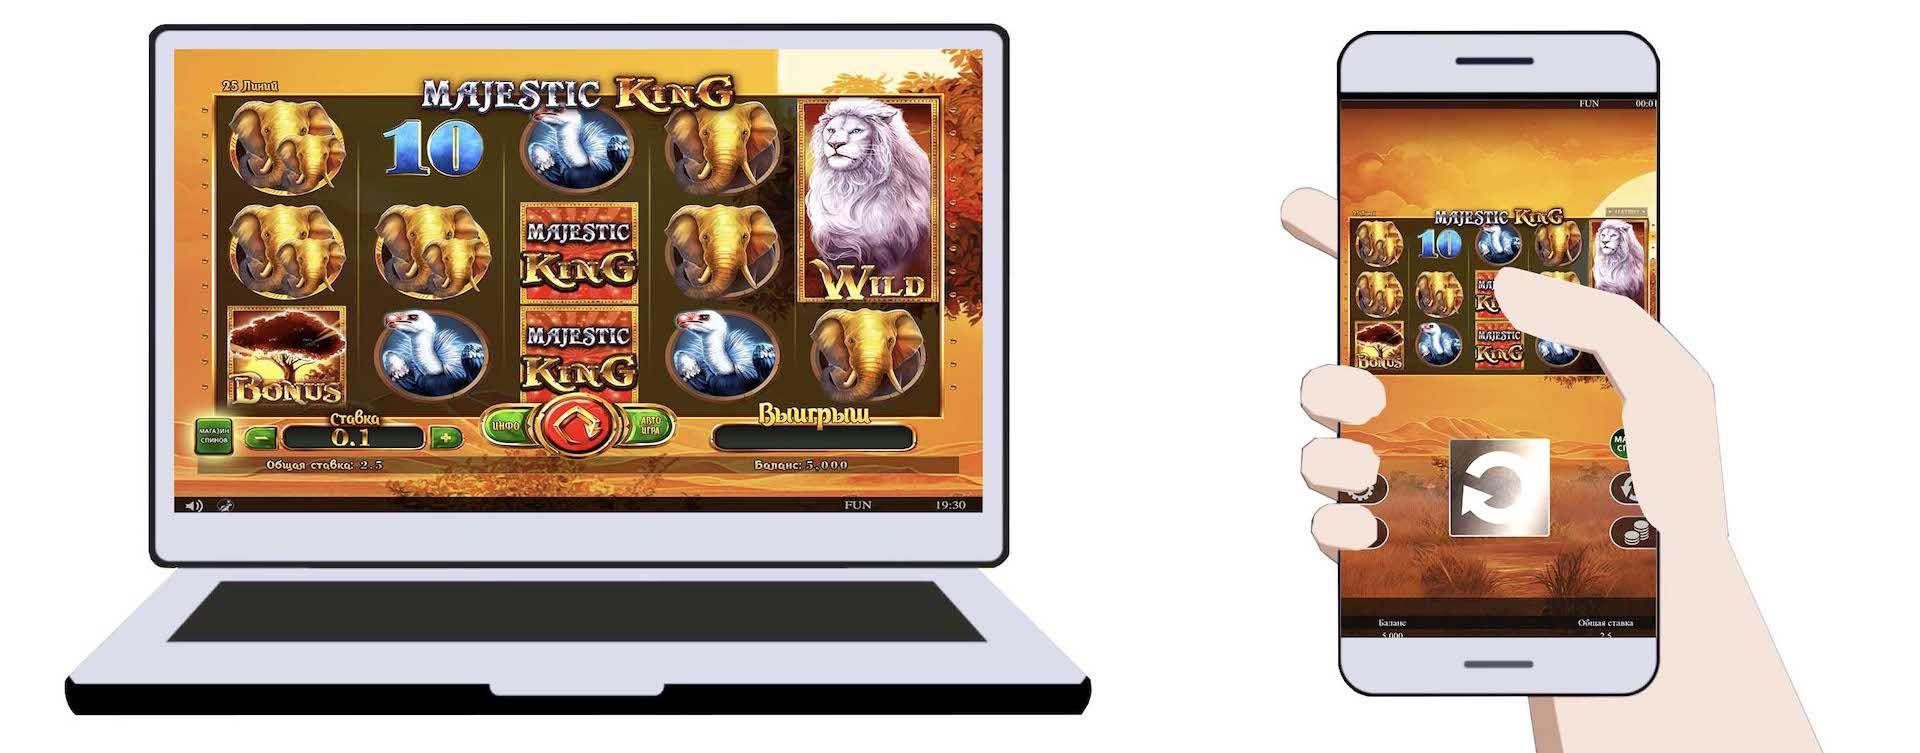 Игровой автомат Majestic King бесплатно